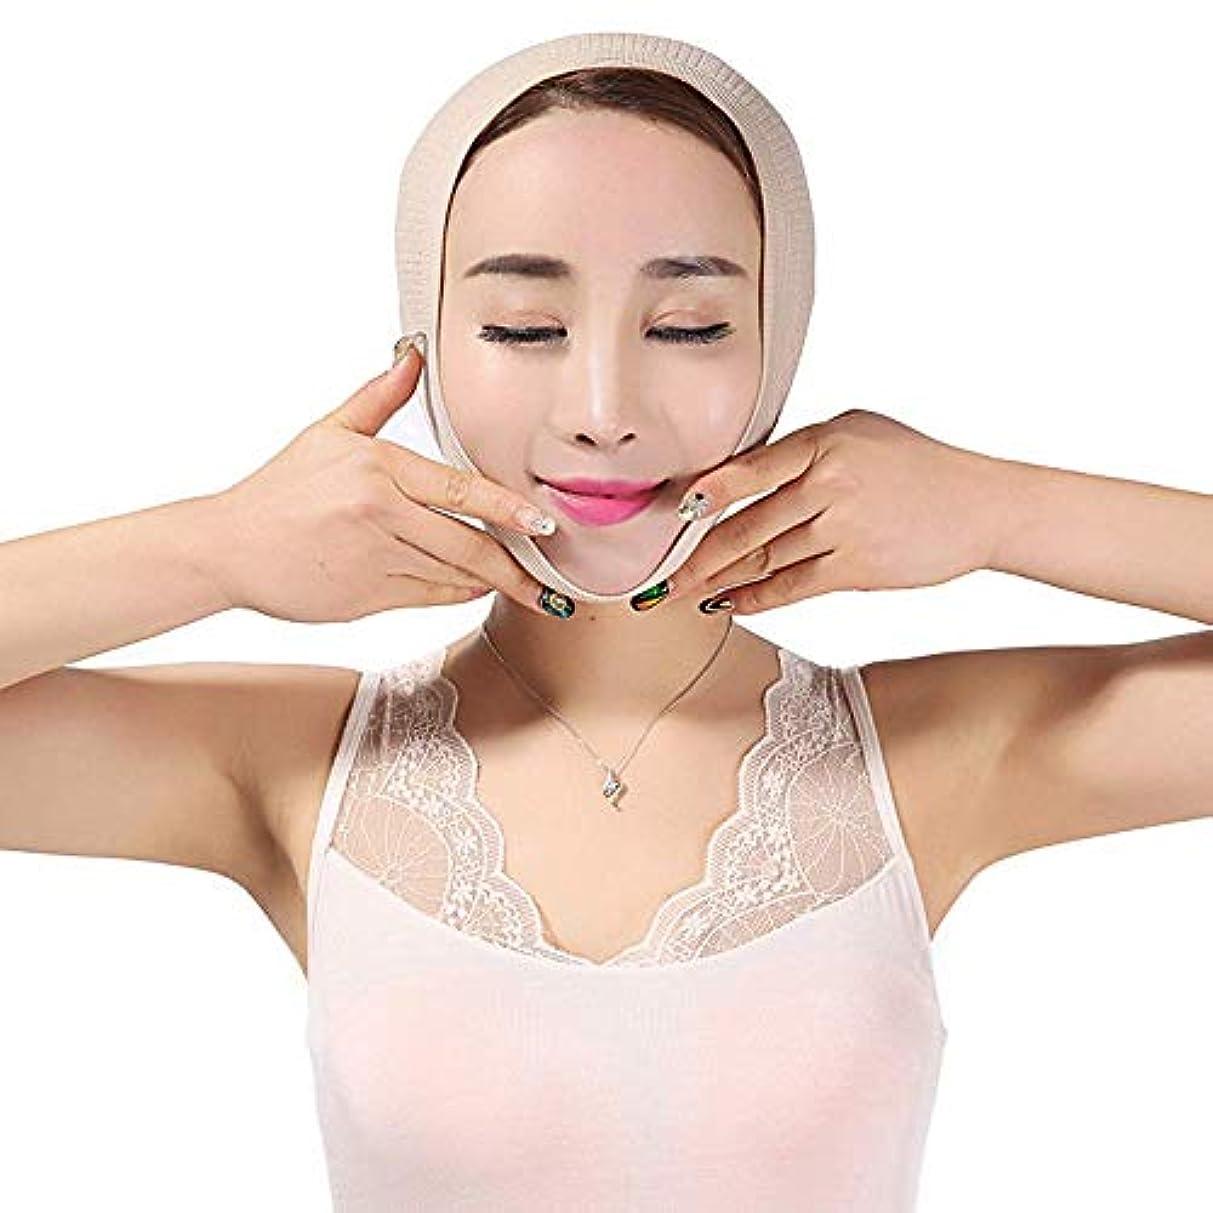 近傍撤回する一般薄い顔の器械のマスクの改装の包帯Vの表面持ち上がることの引き締めの美顔術の二重最大の顔のマッサージャー